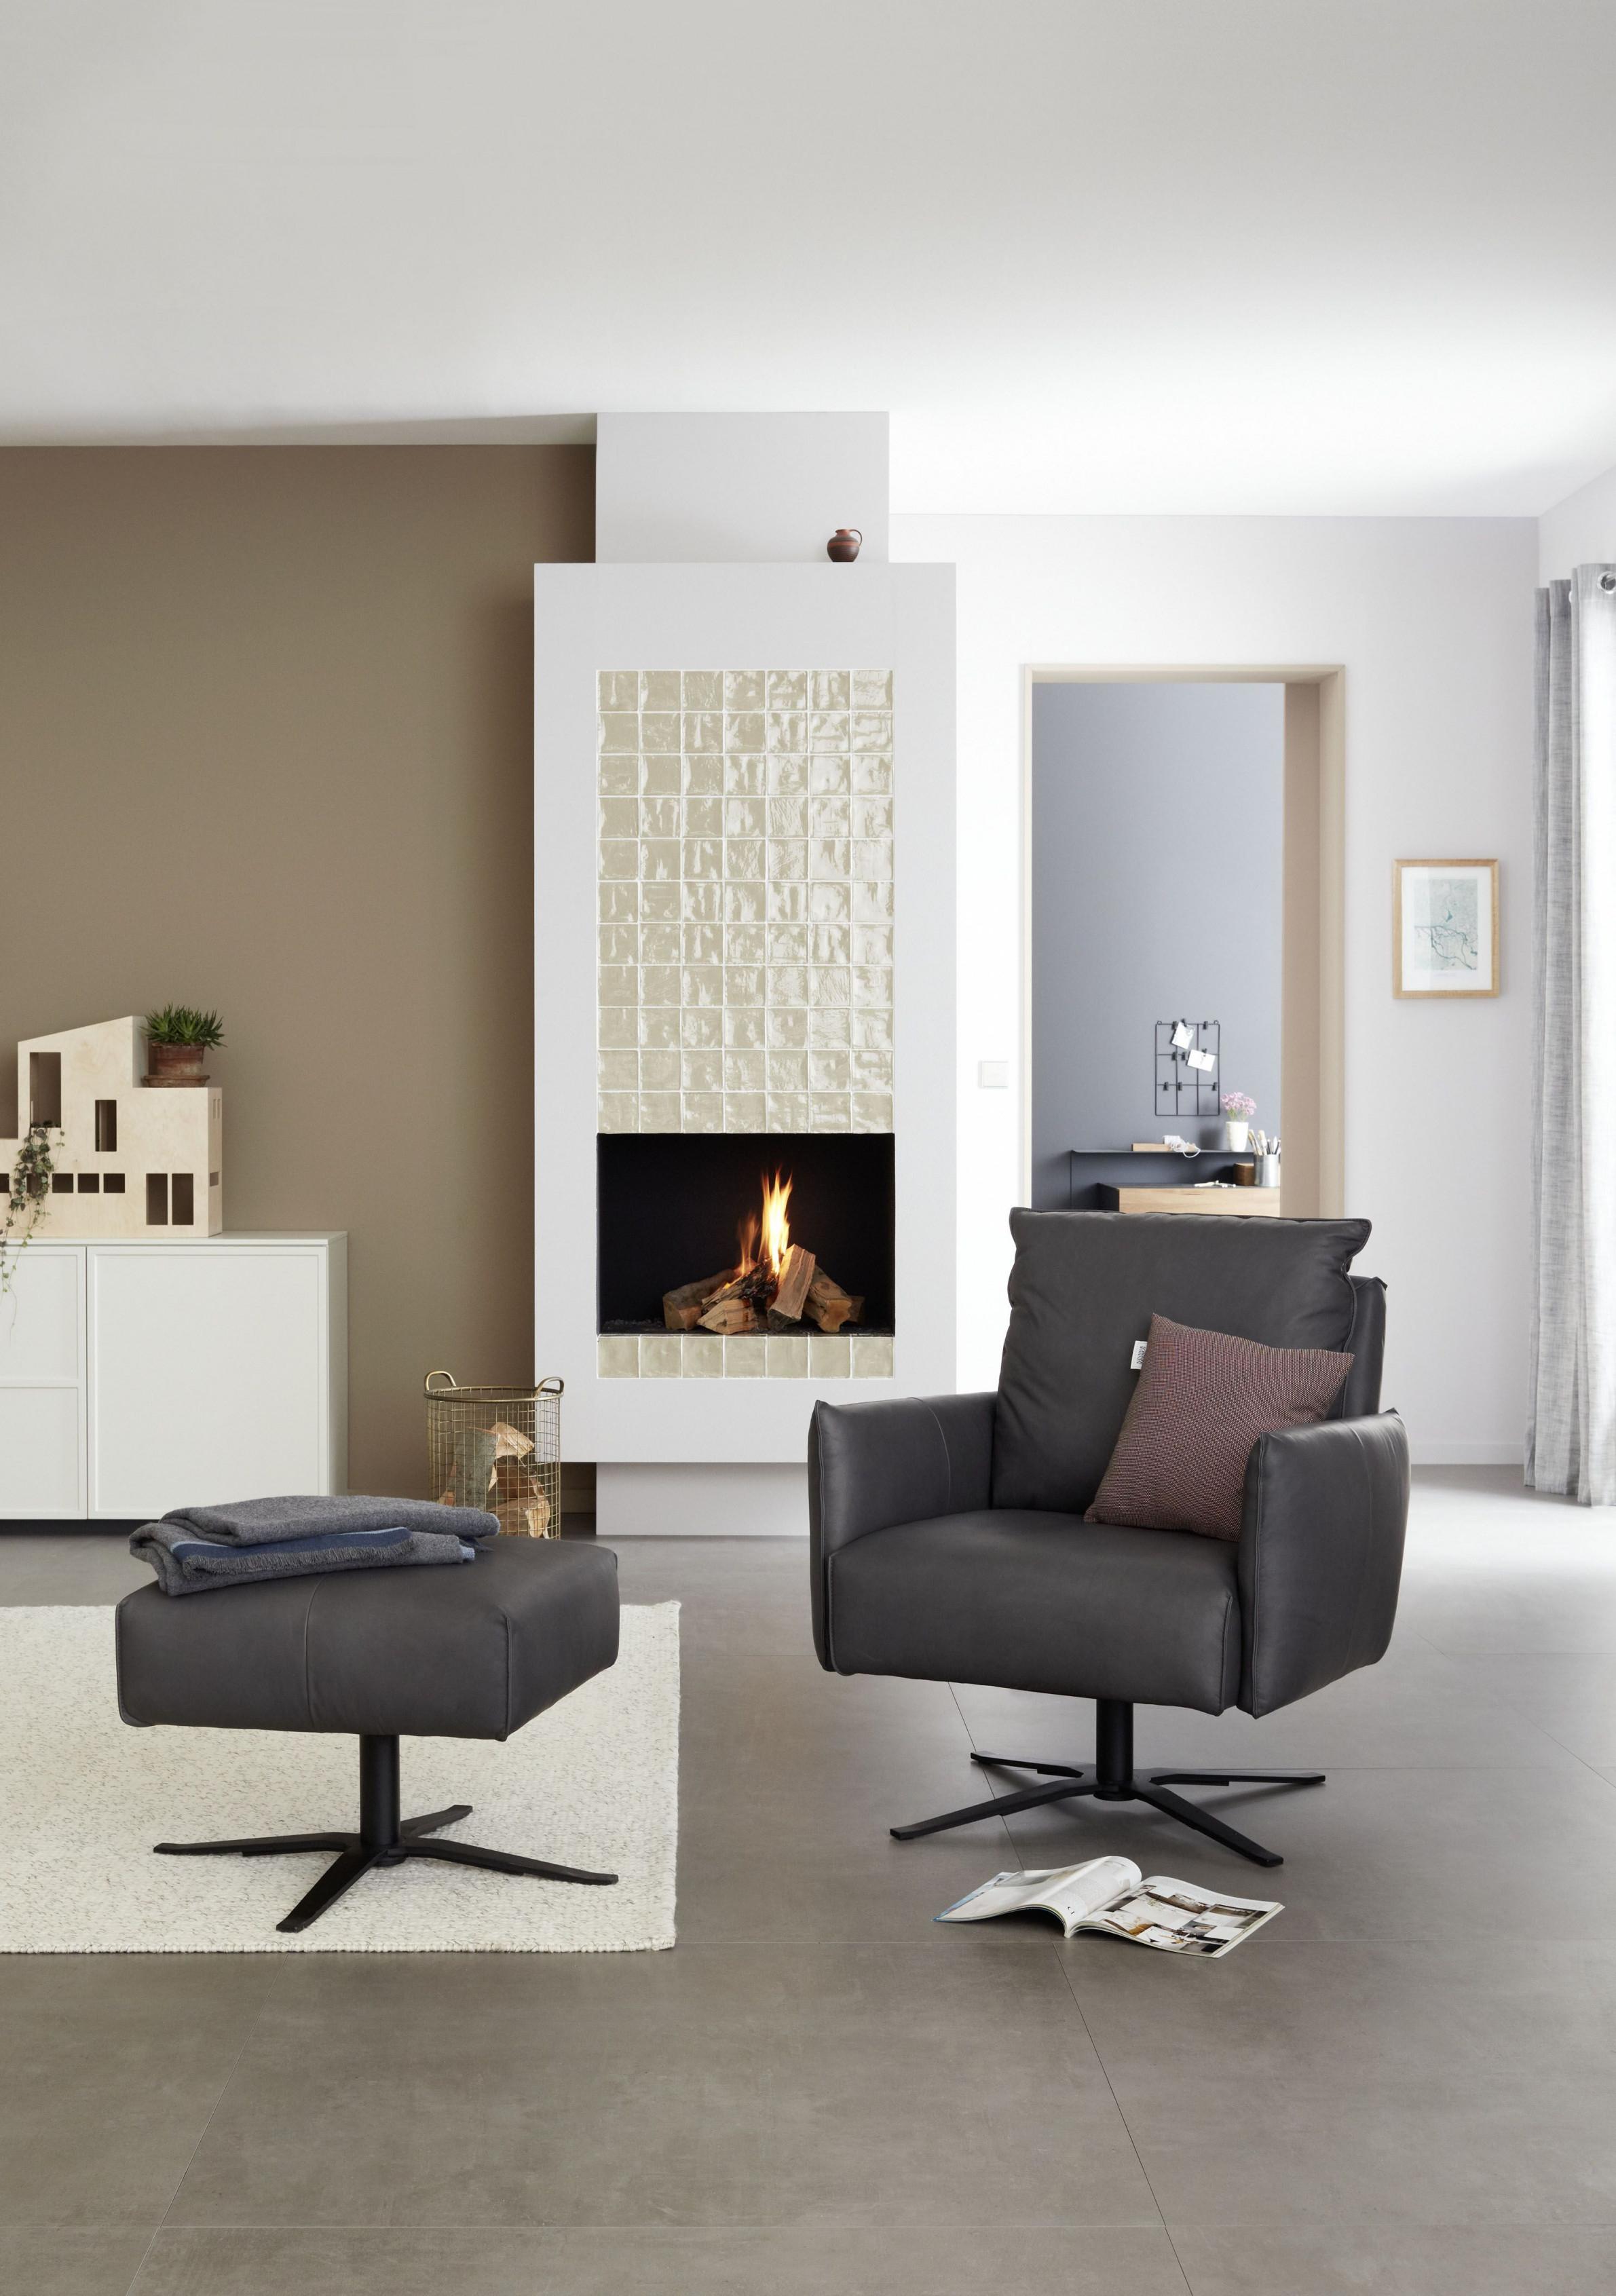 Schöner Wohnenkollektion Wohnzimmer Ideen Schwarzer Sessel von Schöner Wohnen Ideen Wohnzimmer Photo